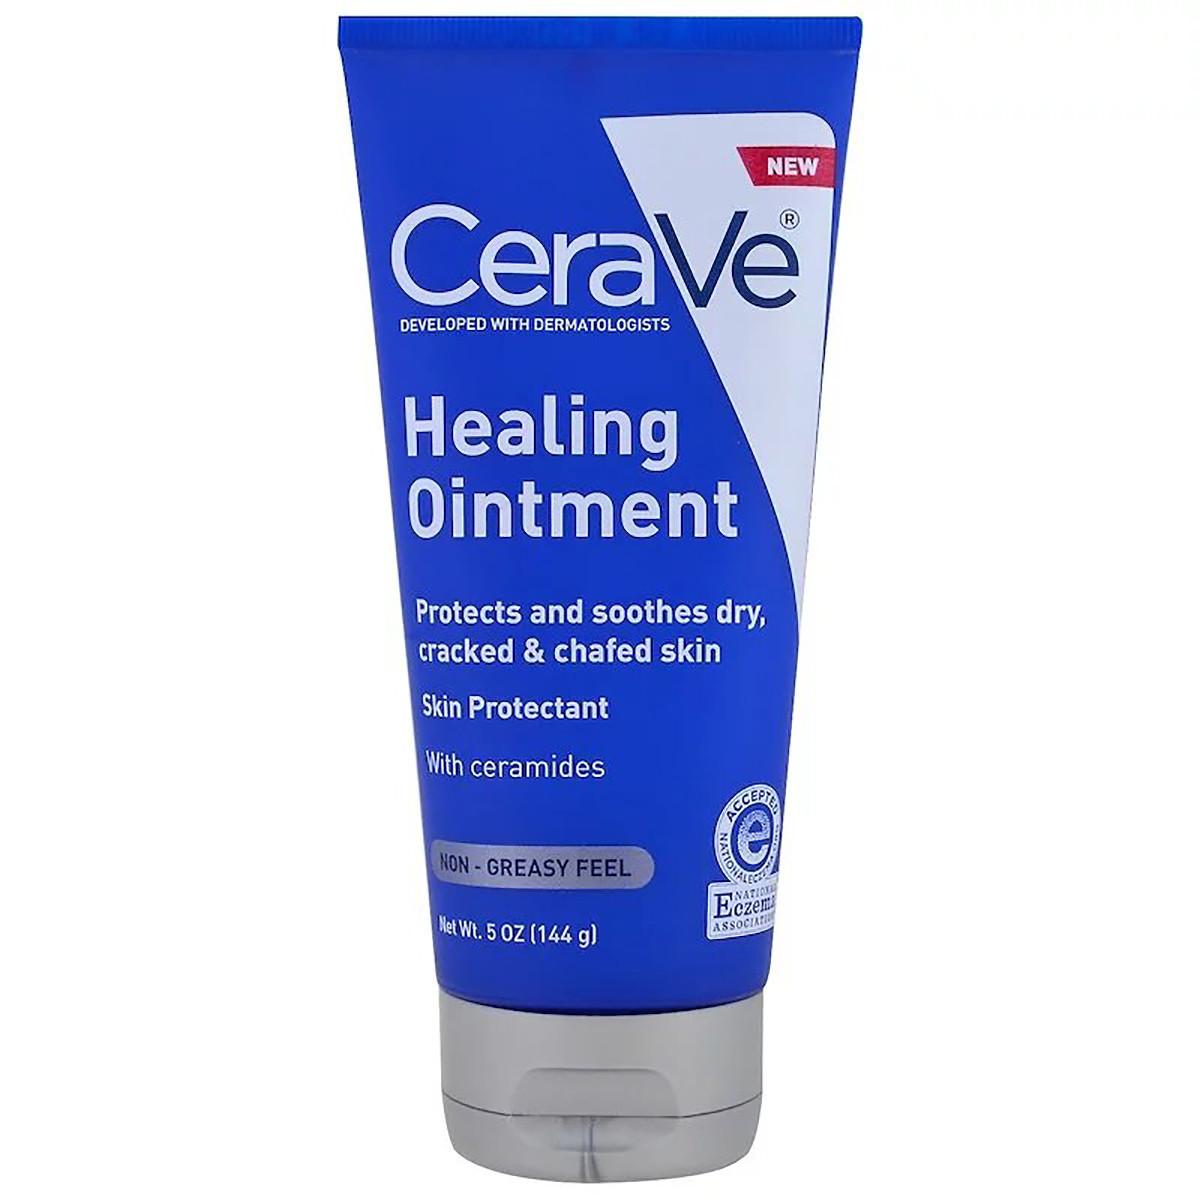 Целебная мазь для кожи, CeraVe, Healing Ointment, 144 г (5 унций)